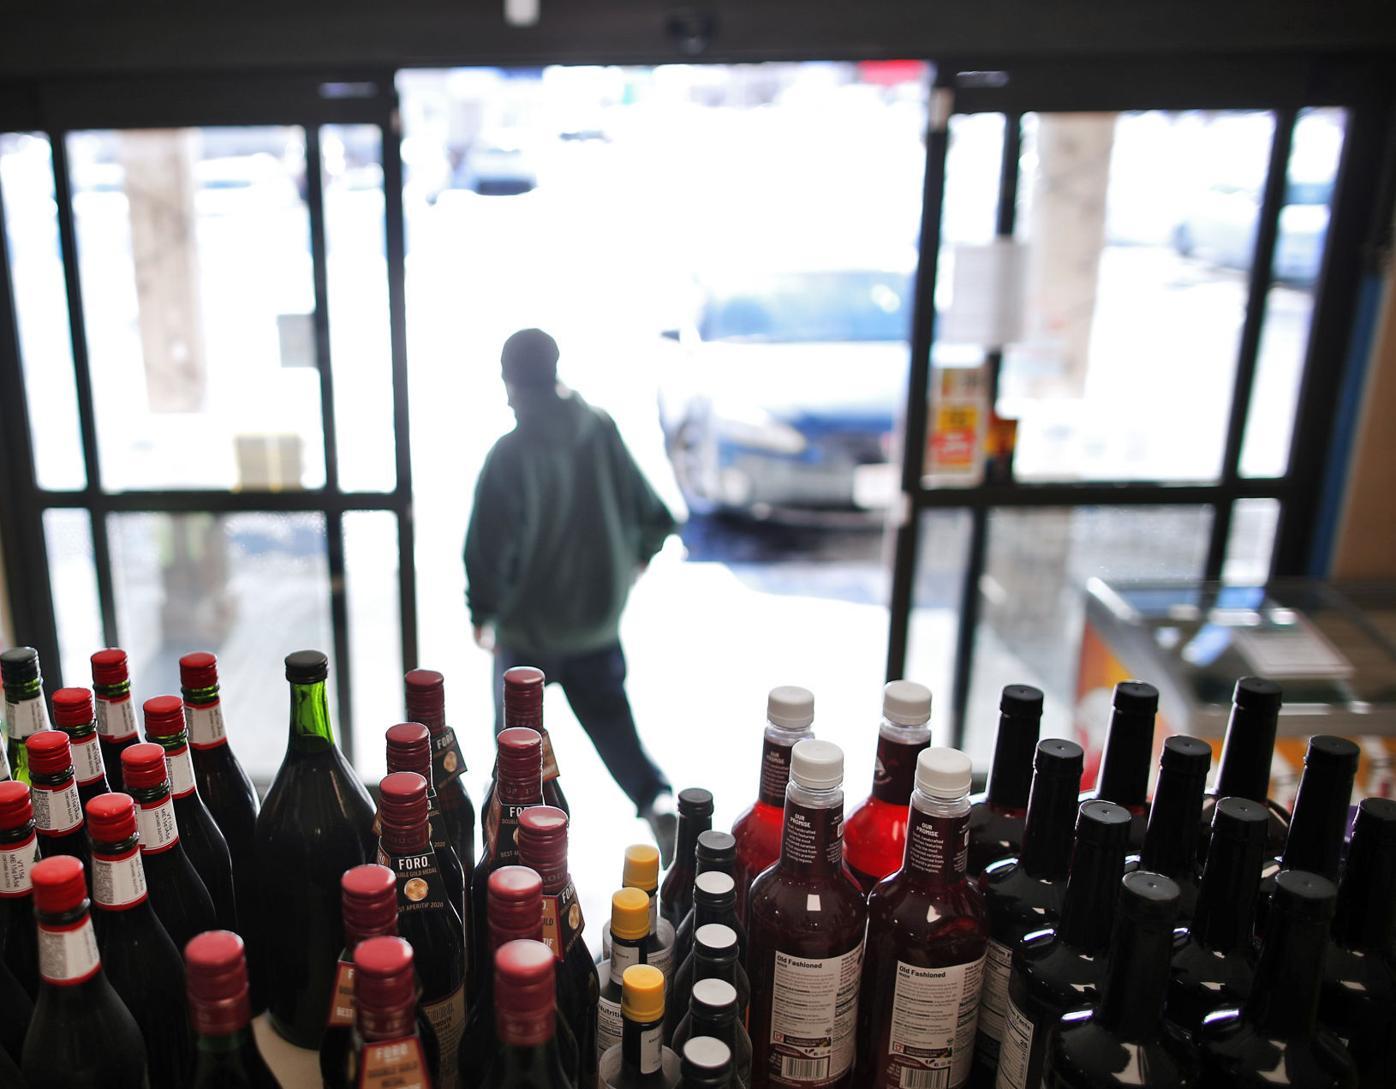 JVG_210128_ALCOHOL02